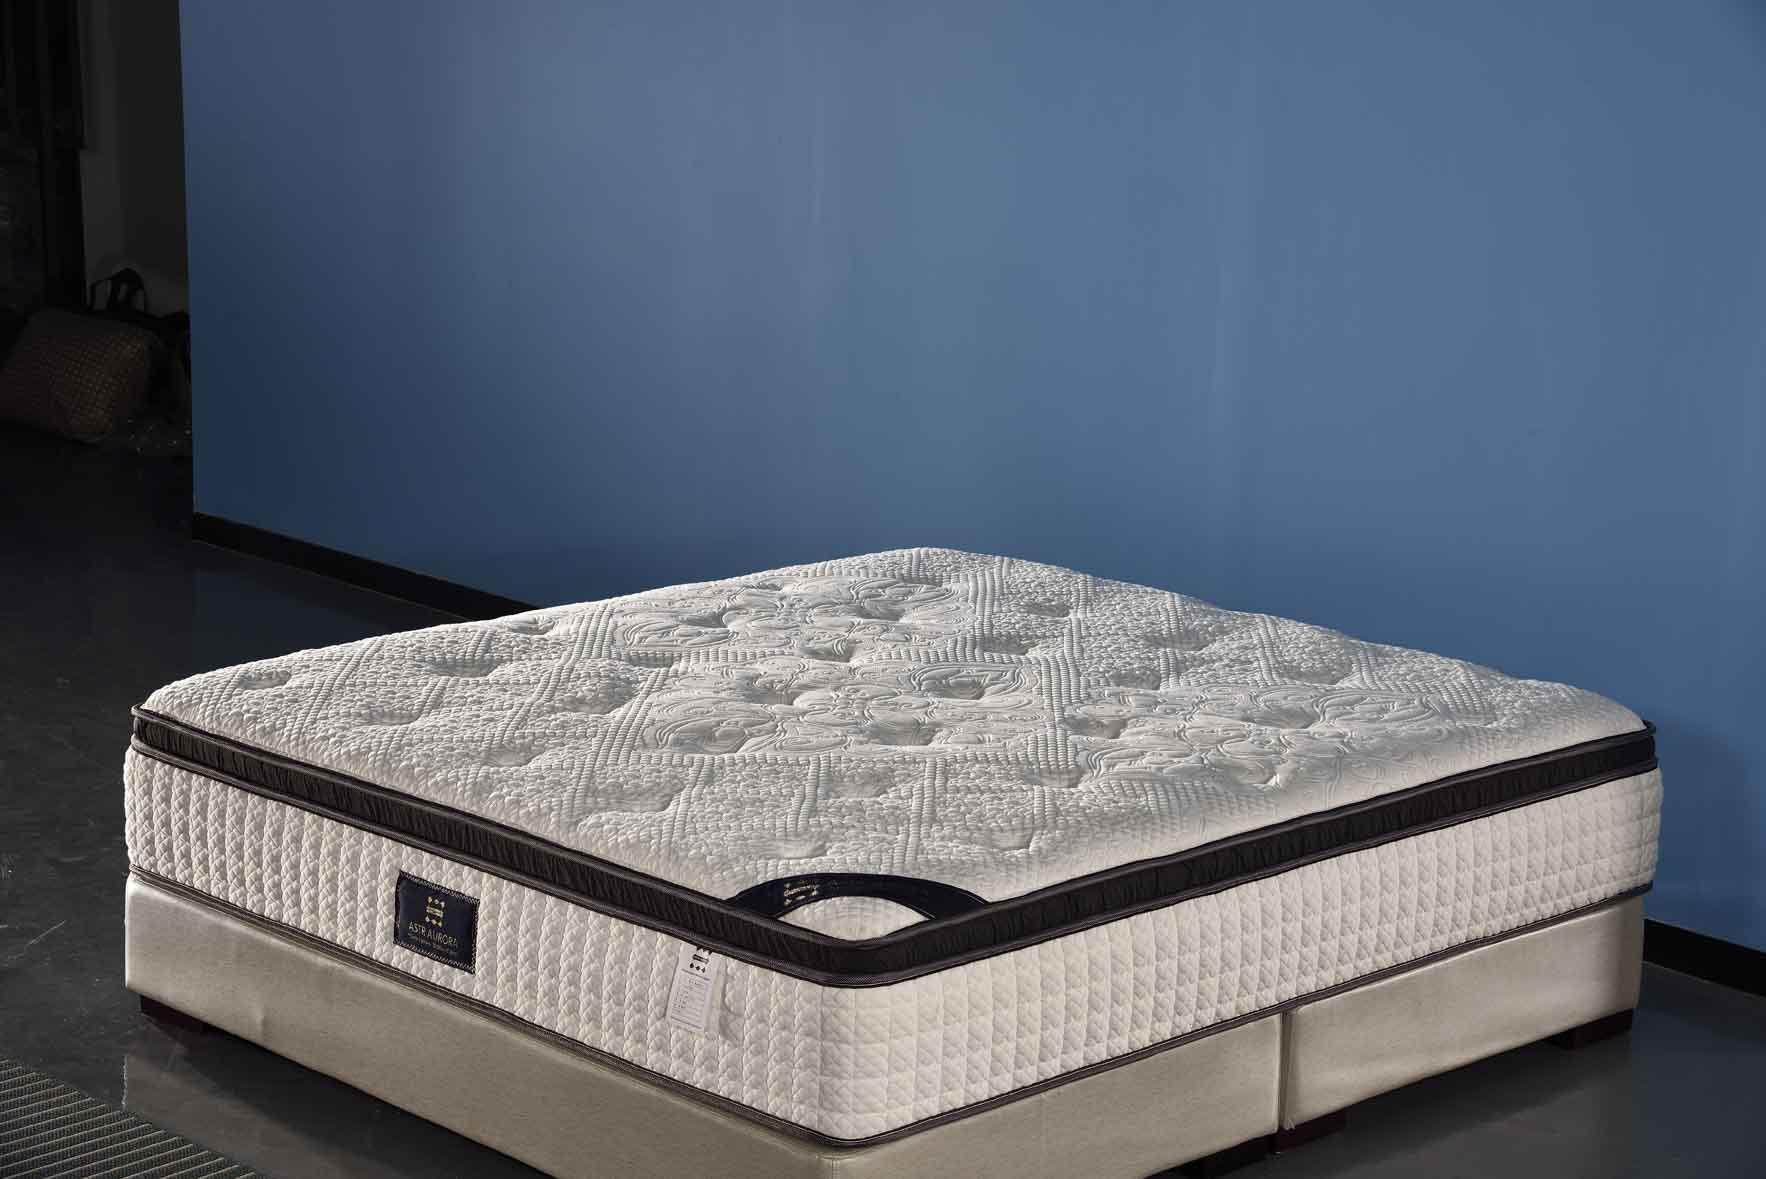 床垫厂家报价 欢迎咨询 苏州星夜家居科技供应